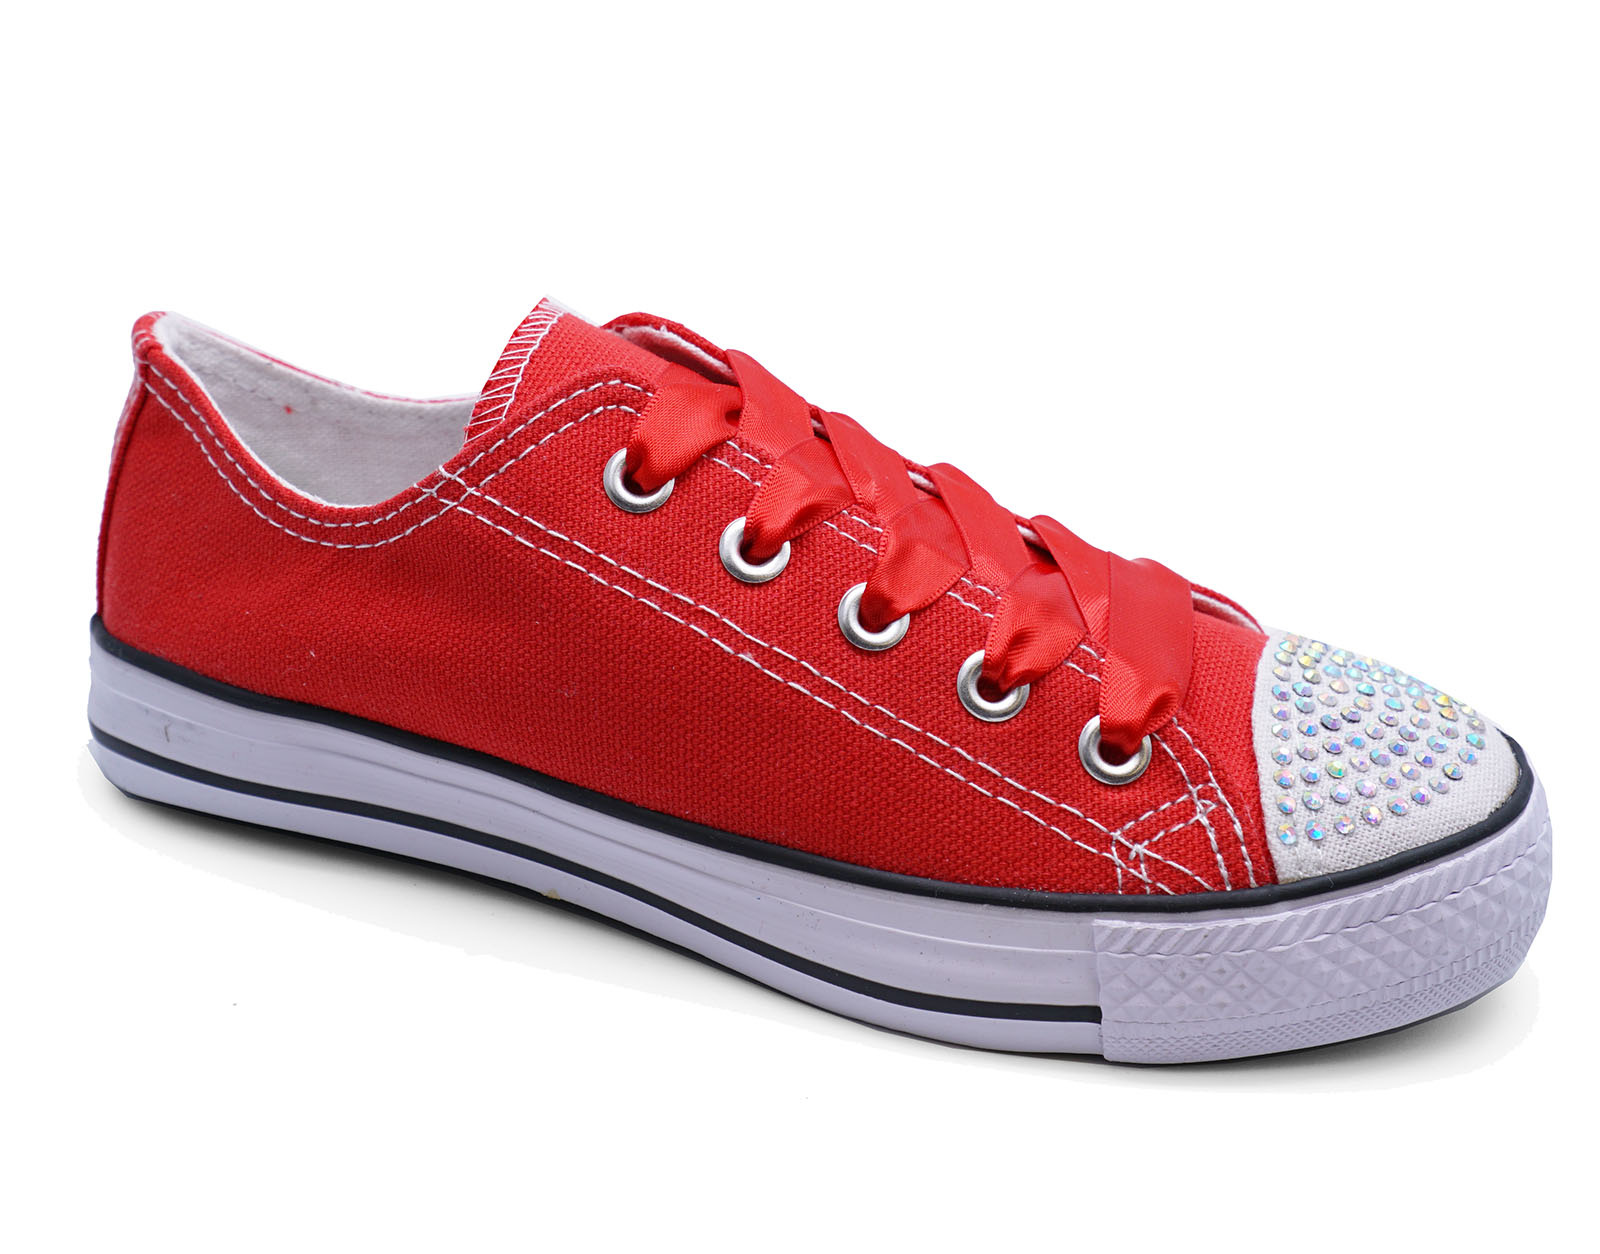 Niños Niñas Rojo Lona pedrería Con Cordones Zapatillas Planas Zapatos número